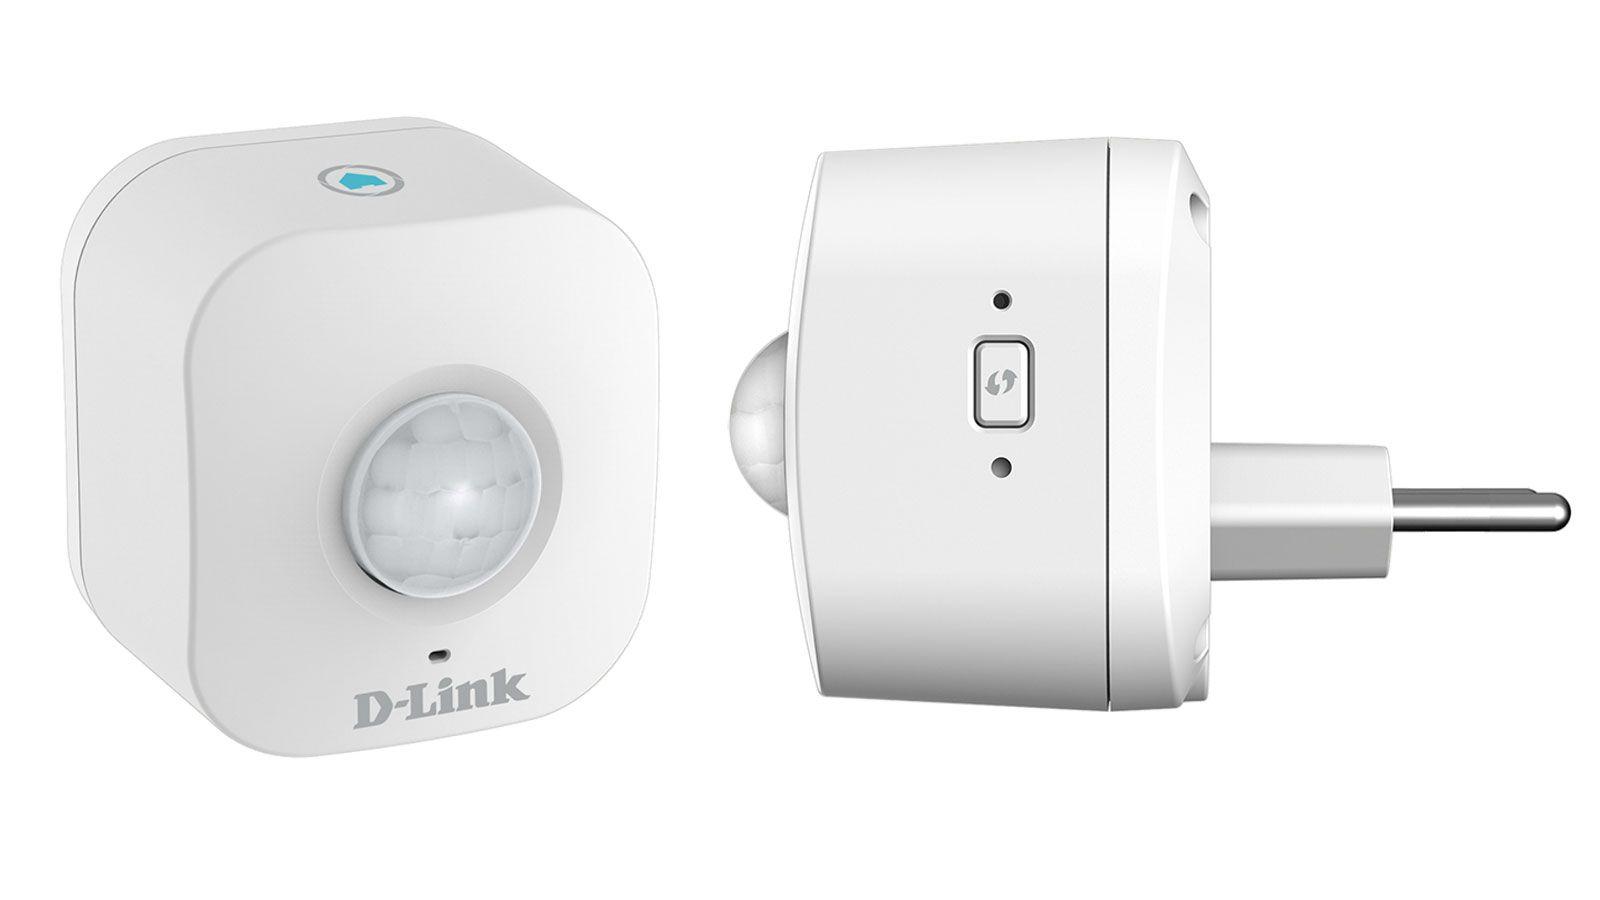 D Link Mydlink Gunstige Smart Home Hardware Bei Tchibo Bewegungssensor Uberwachungskamera Alarmanlage